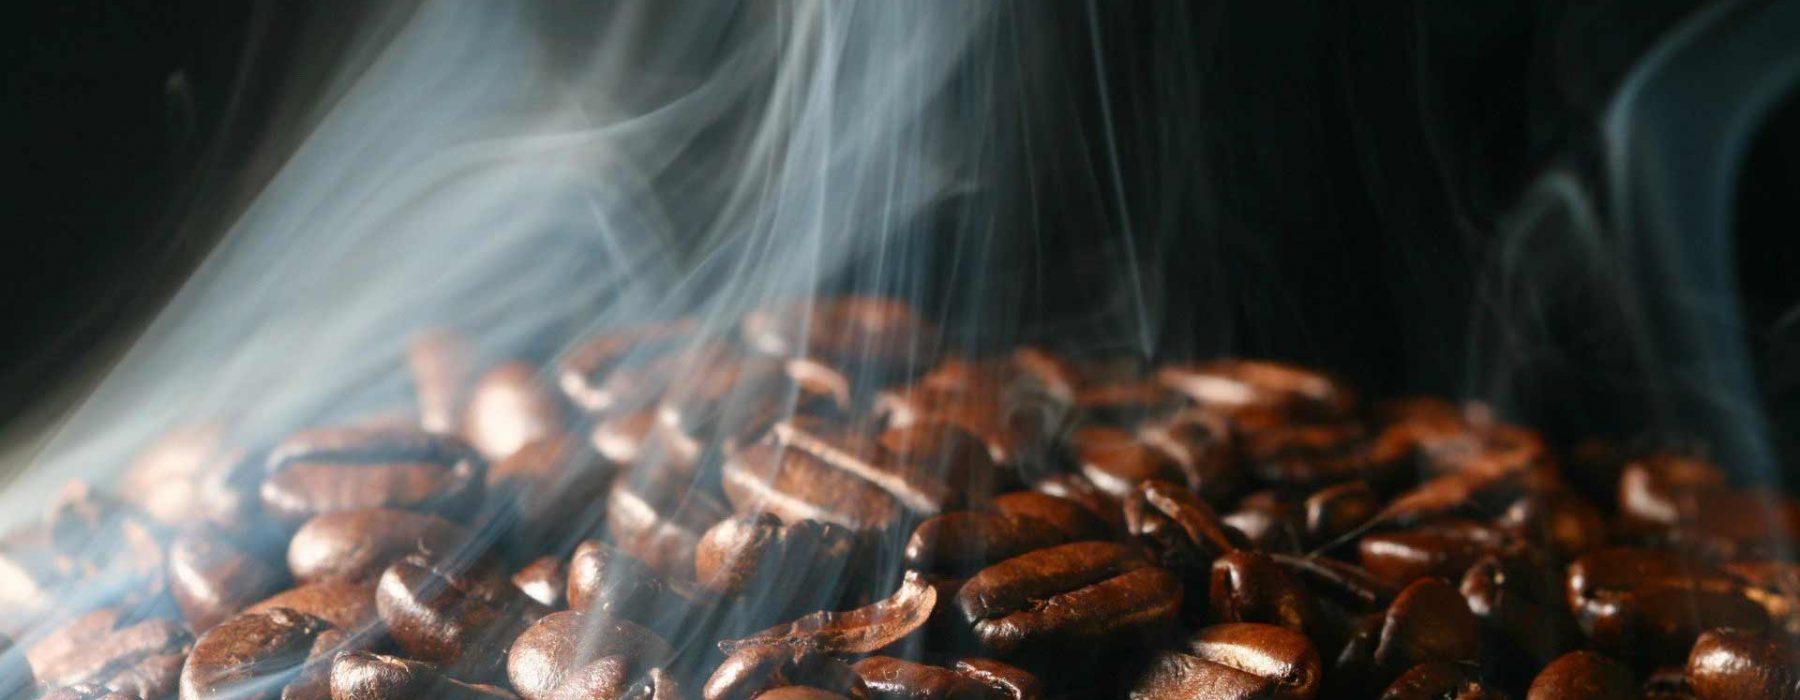 Из ремесленника, обжигающего самый подлинный итальянский кофе